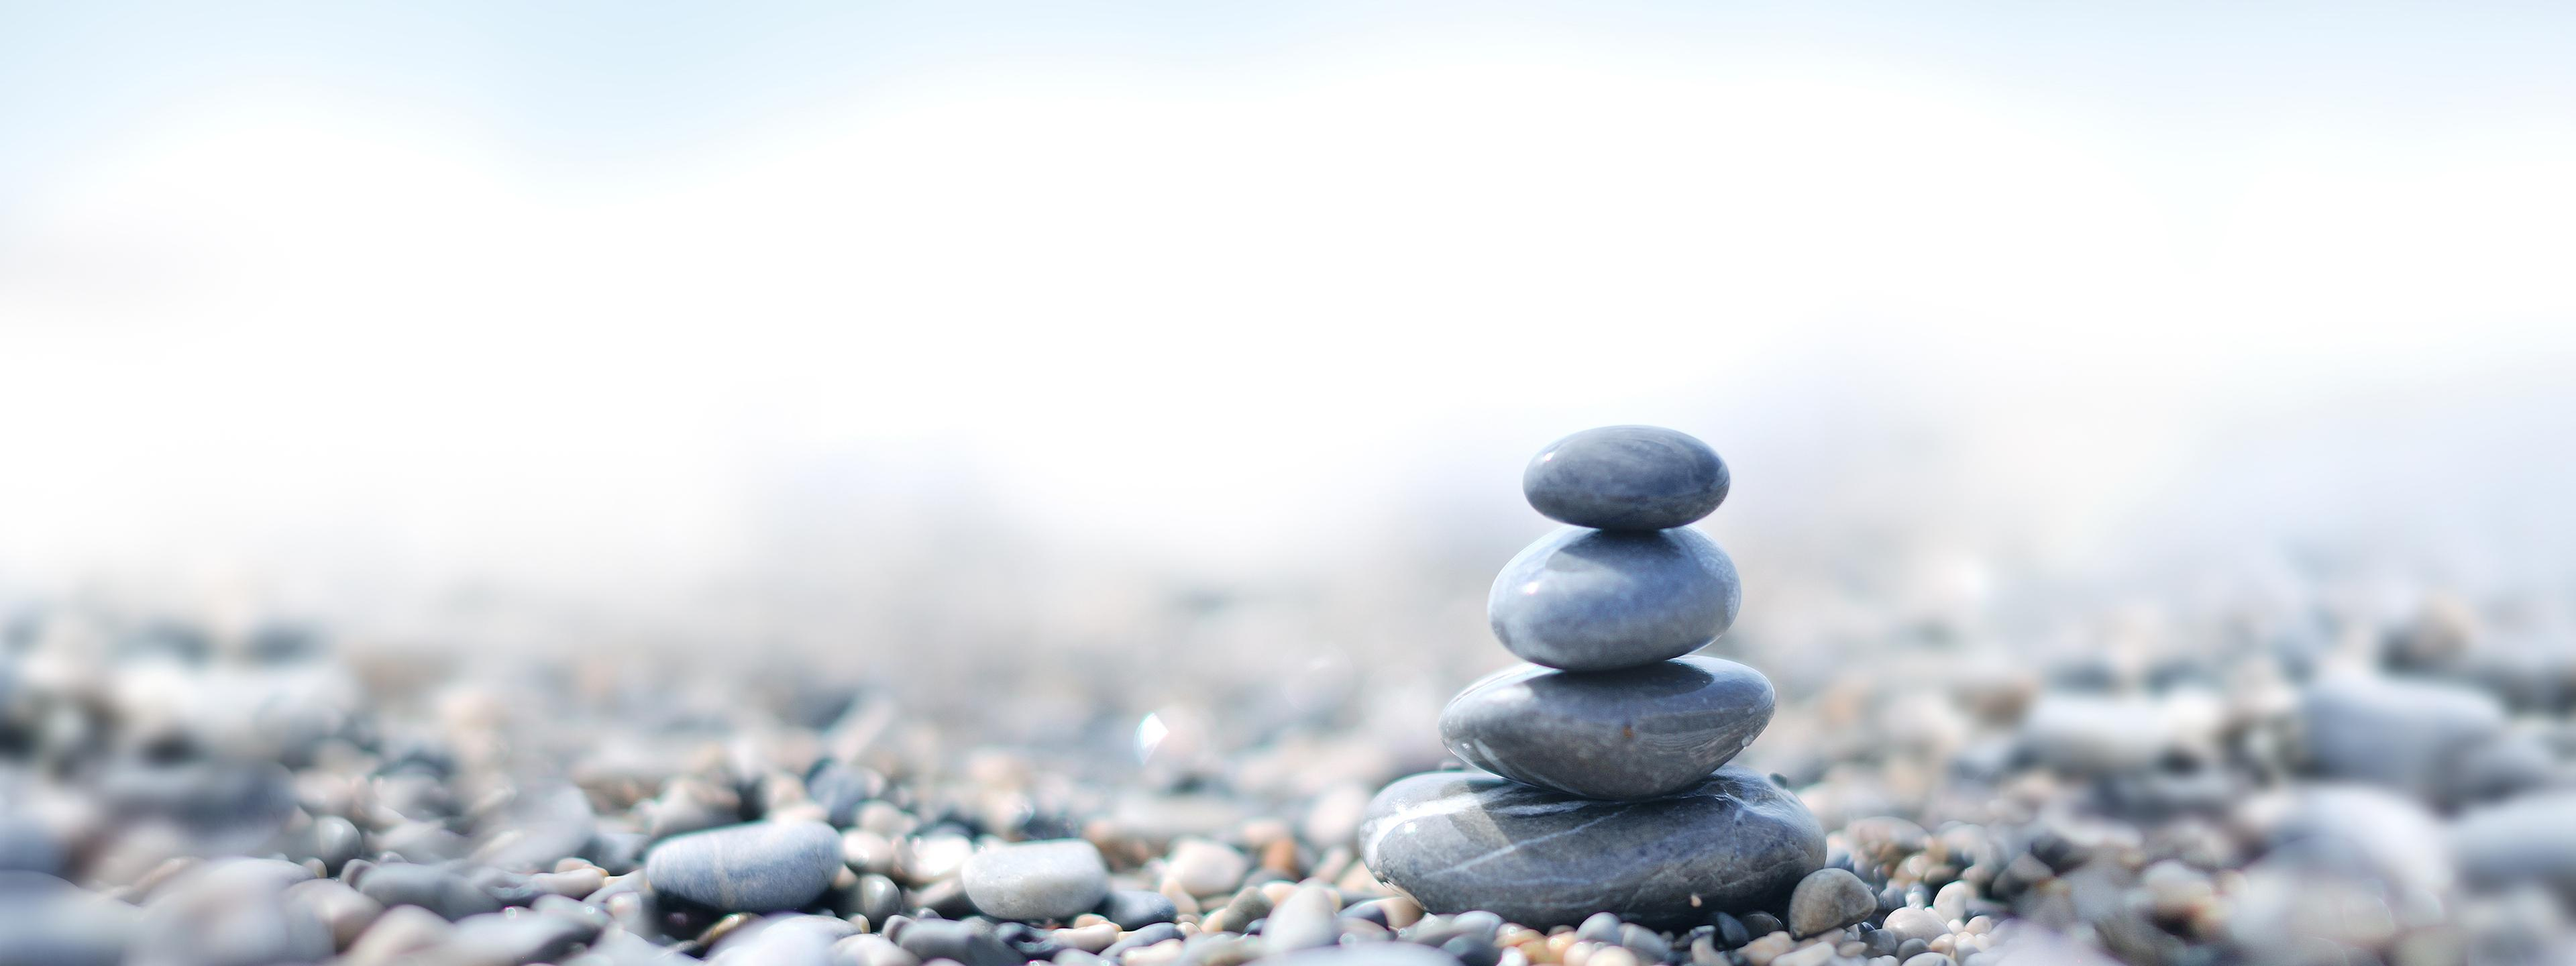 BRITA zrównoważony rozwój wieża z kamieni